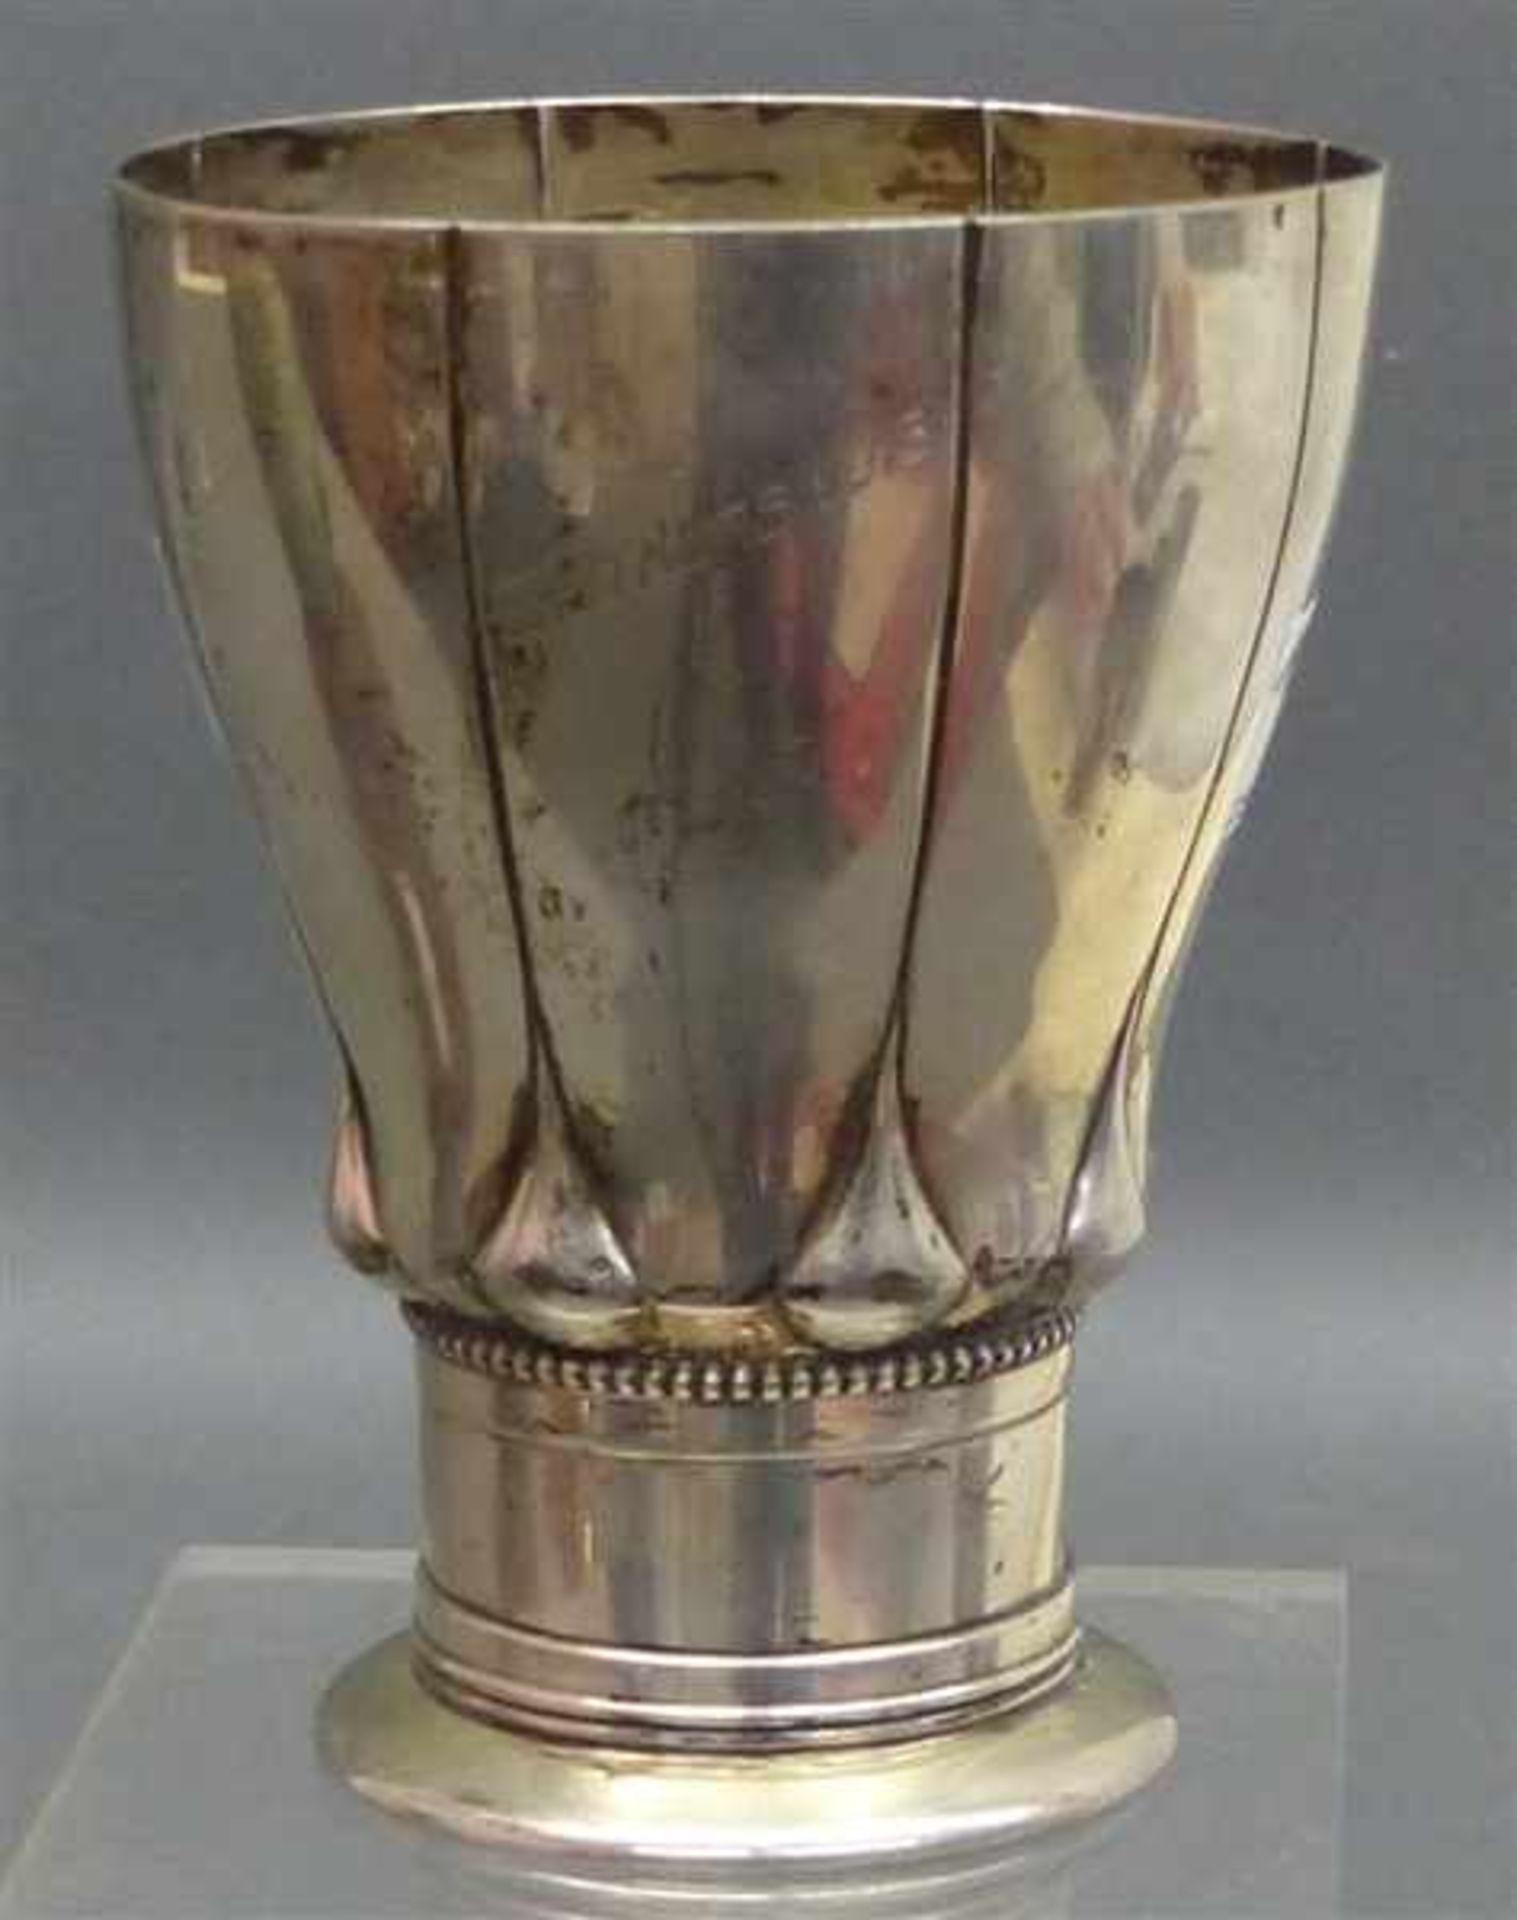 Los 1029 - Zierpokal 800 Silber, punziert, Reliefdekor, Reste alter Innenvergoldung, mit Gravur, Reitkurs 1913,